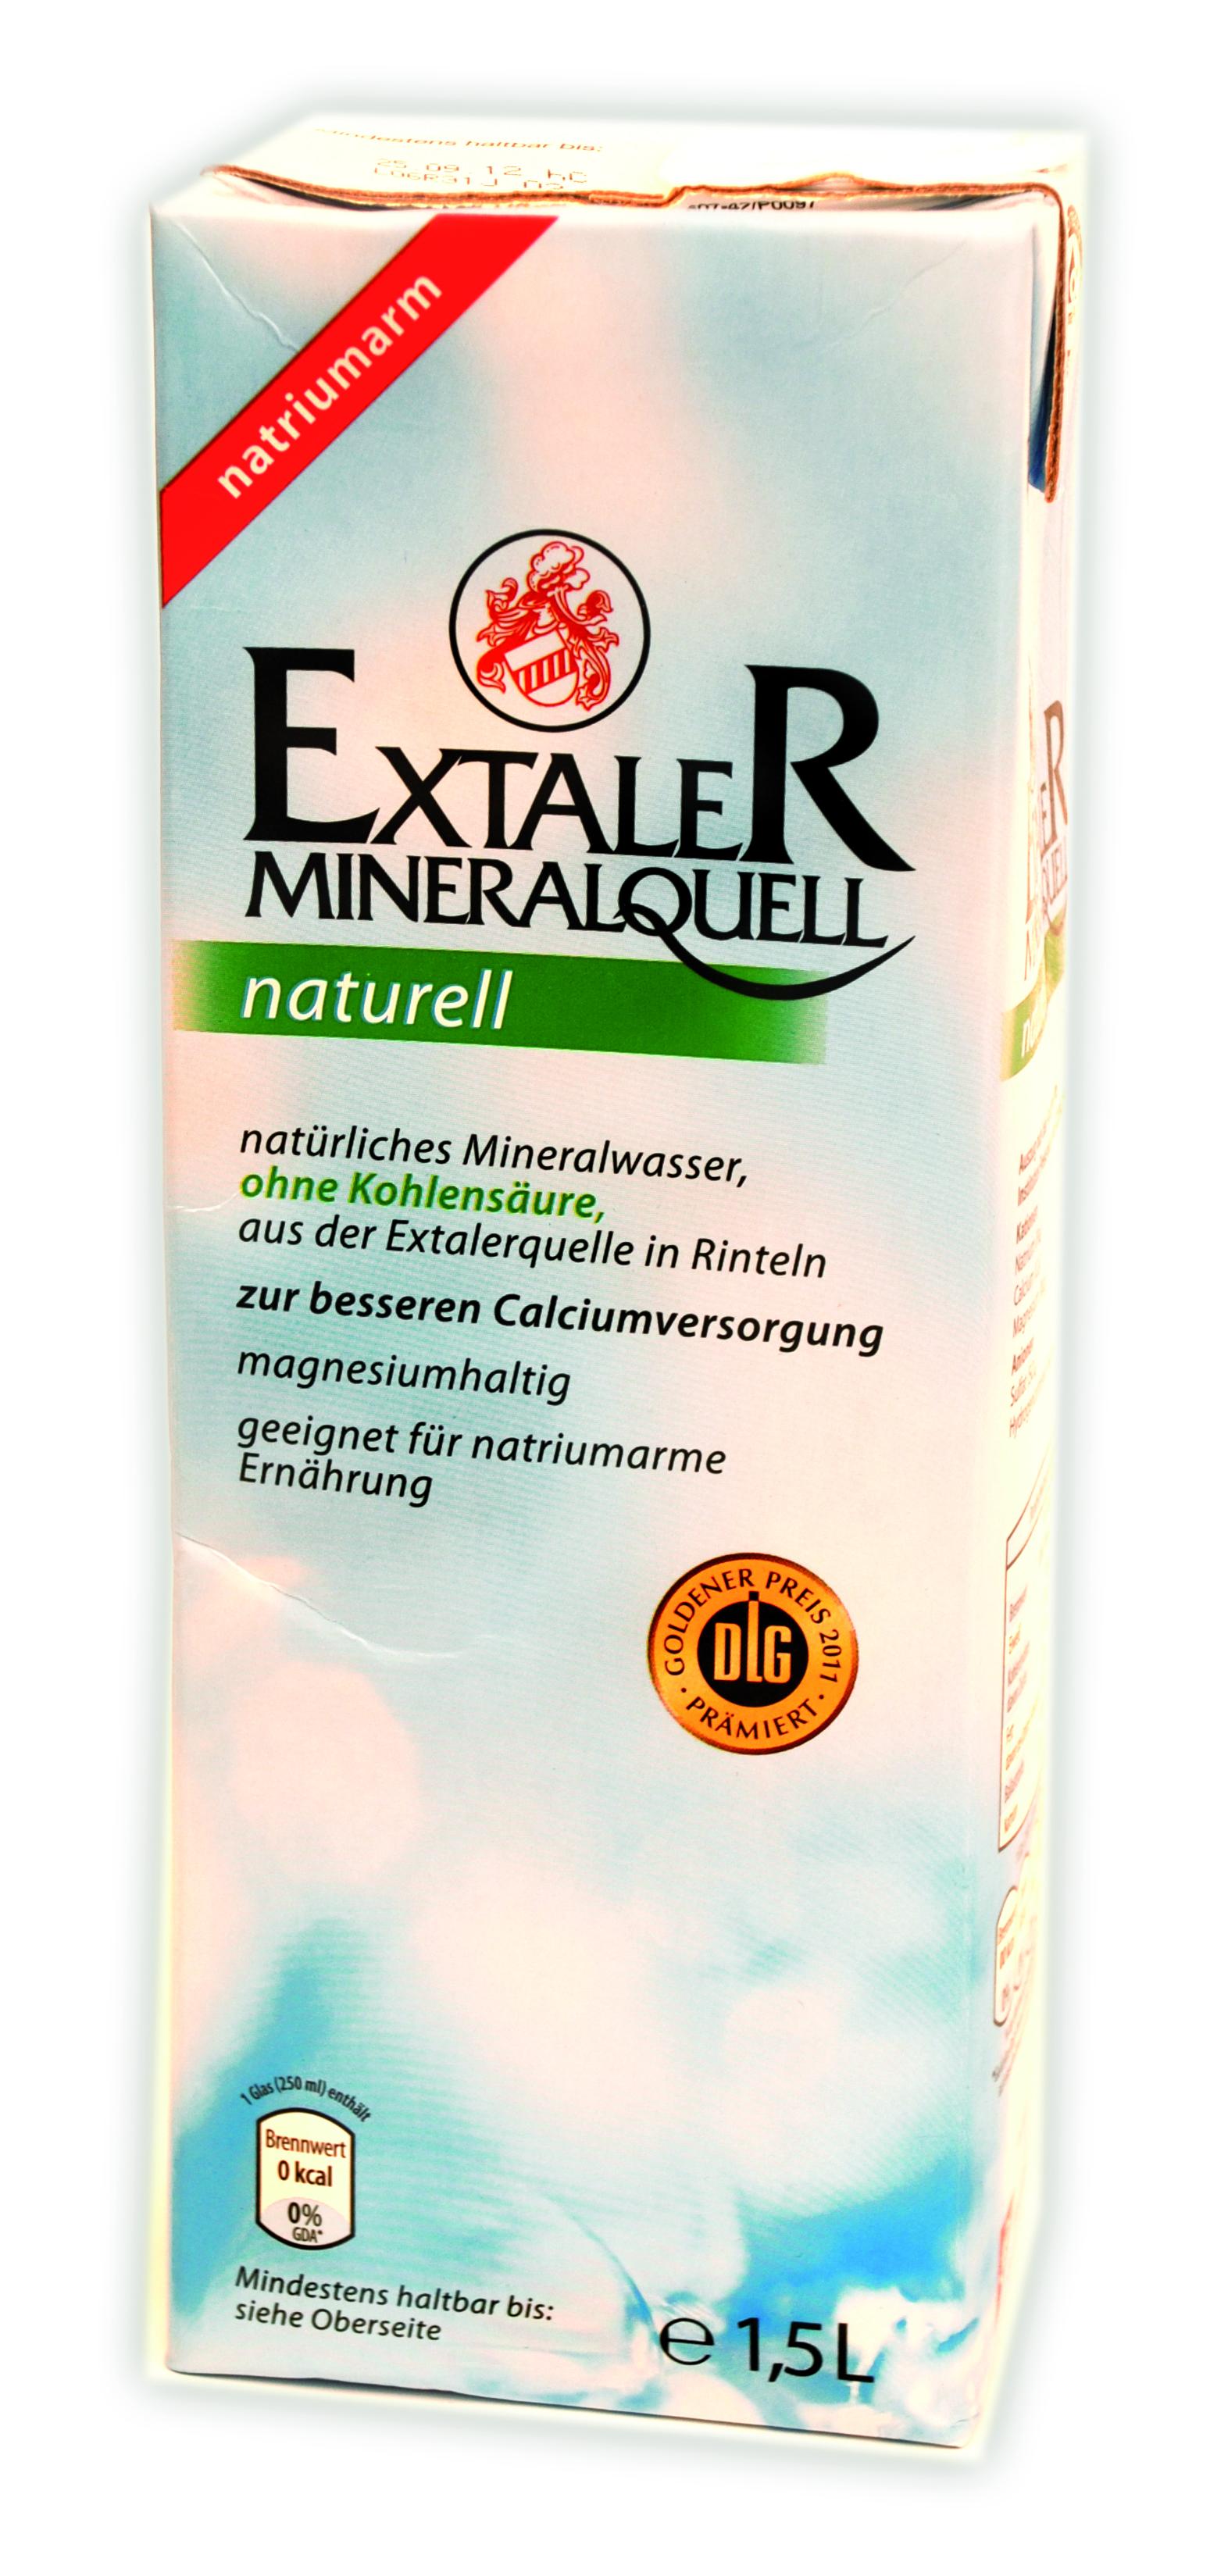 extaler mineralwasser naturell 1 5l wasser. Black Bedroom Furniture Sets. Home Design Ideas